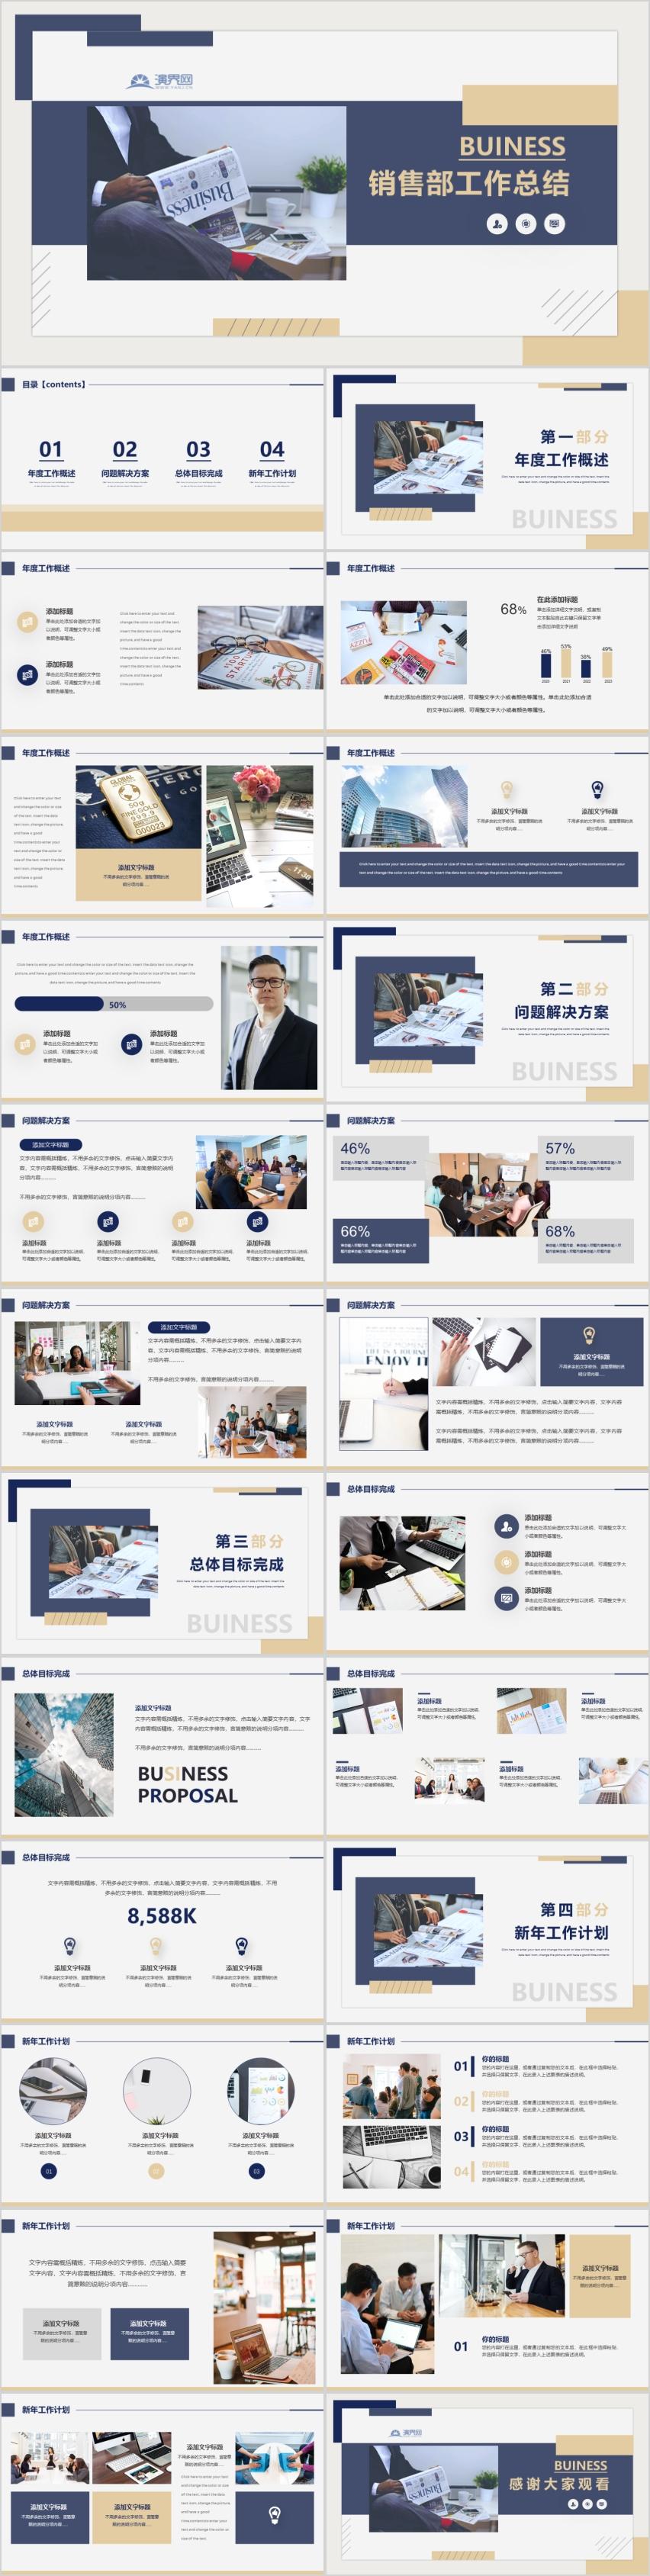 欧美简约风商务公司企业销售部工作总结年终总结新年计划PPT模板